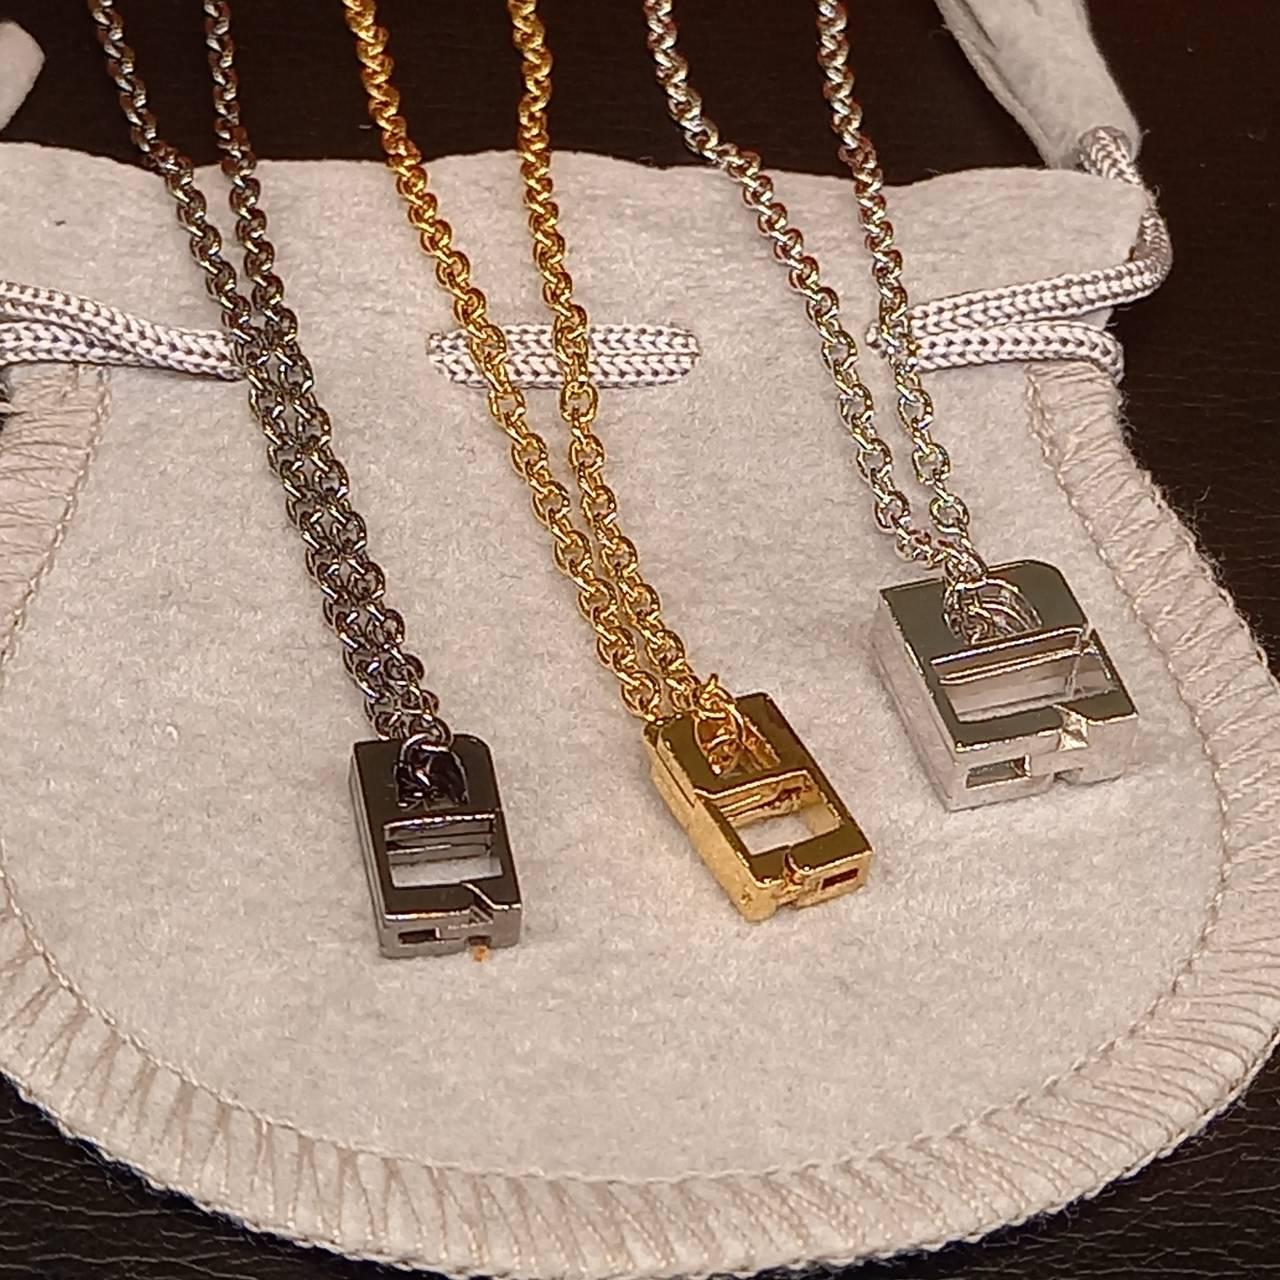 新潟の結婚指輪・婚約指輪 - 婚約指輪や結婚指輪をネックレスにできるリングコネクタ付きチェーンにLサイズ登場!